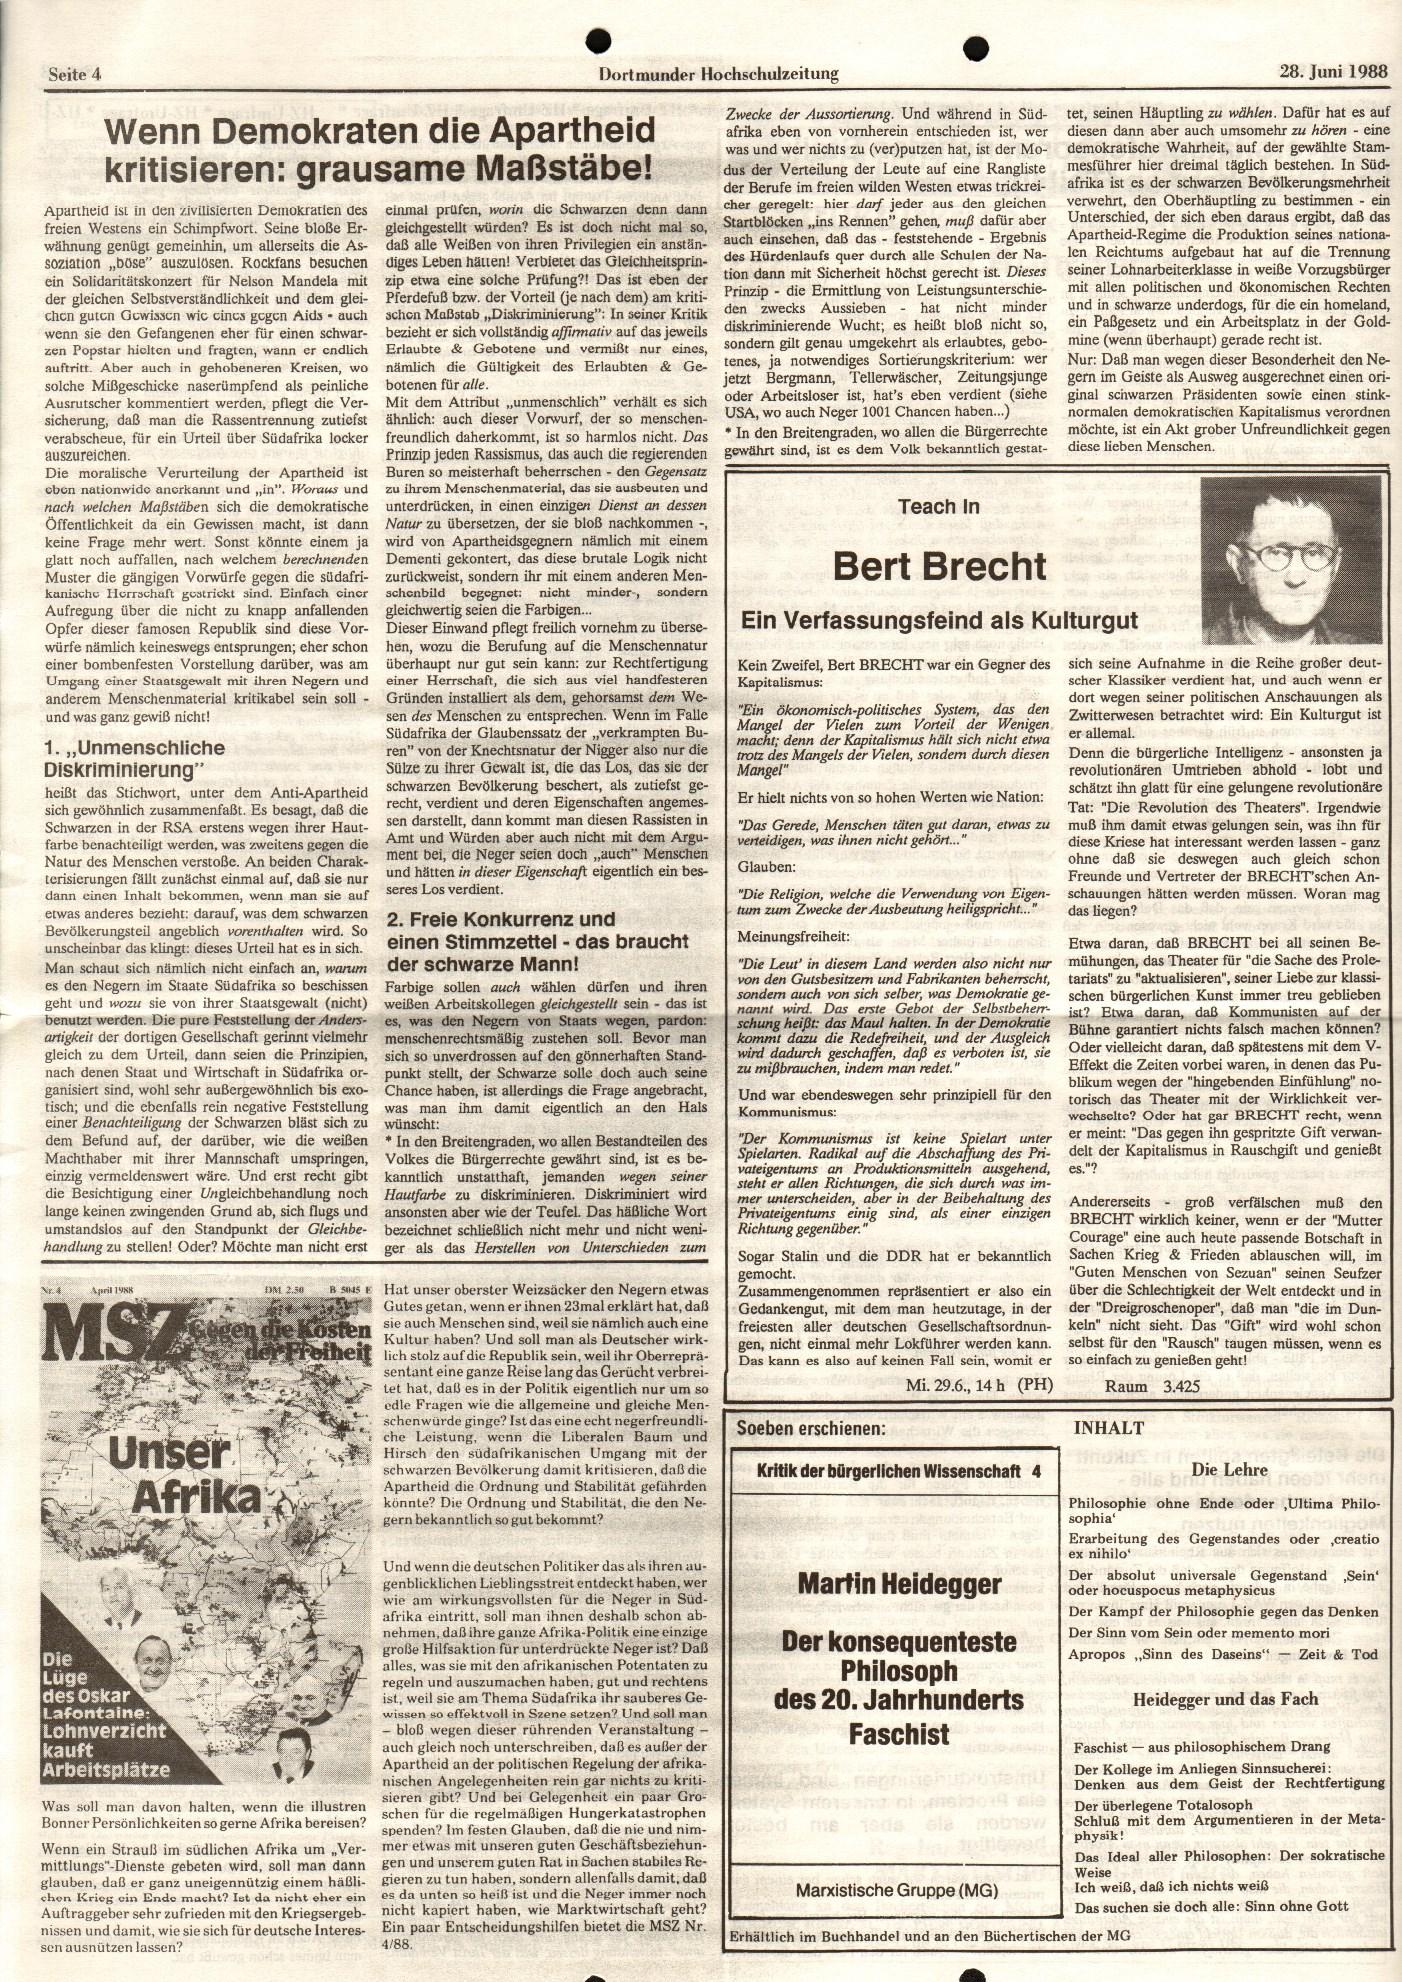 MG_Dortmunder_Hochschulzeitung_19880628_04